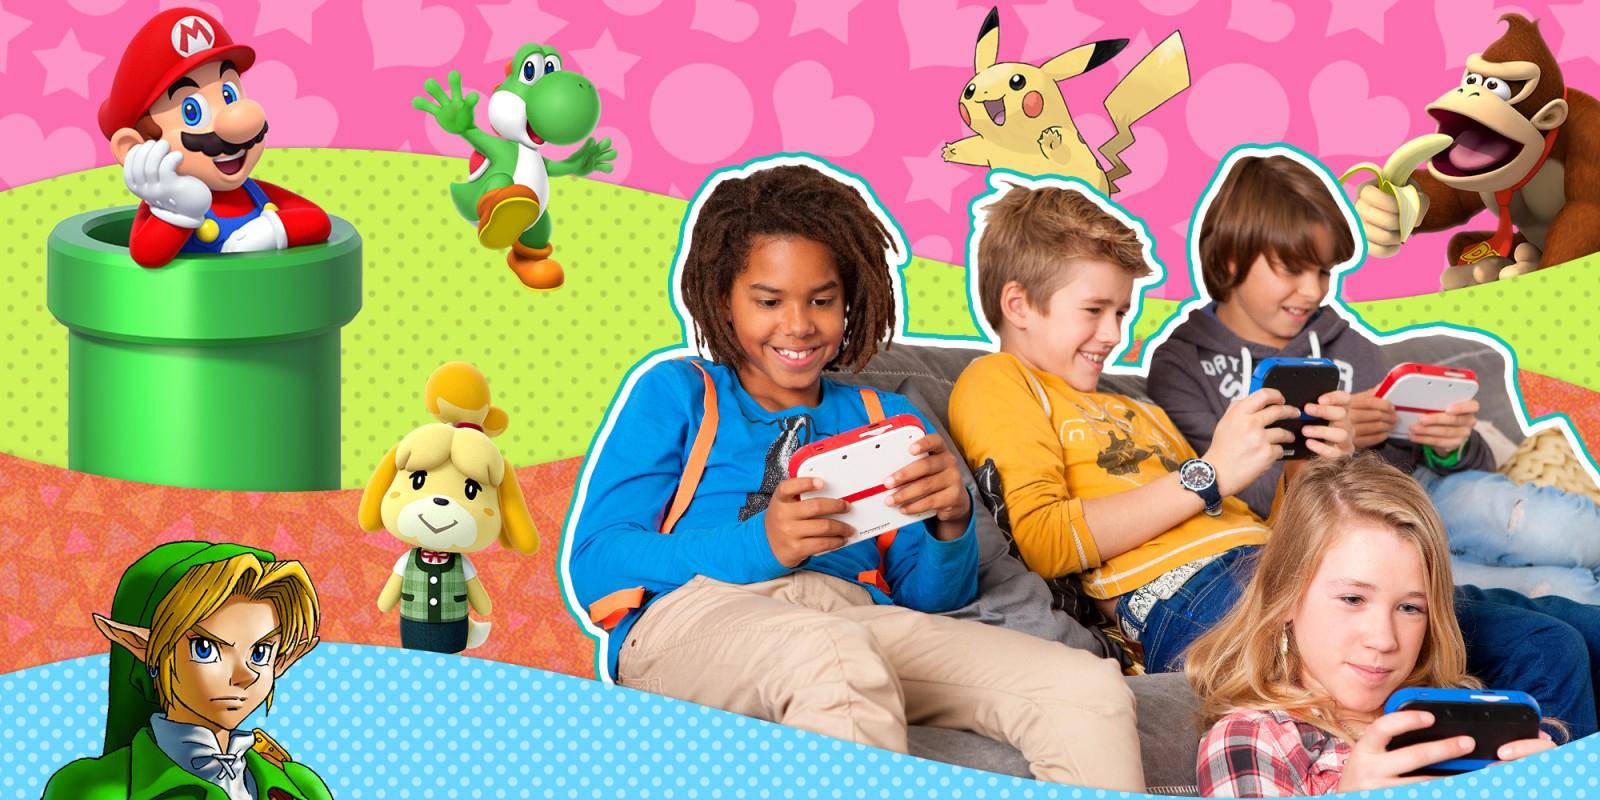 Jeux Nintendo Pour Les Enfants | Nintendo à Jeu Pour Garcon De 6 Ans Gratuit